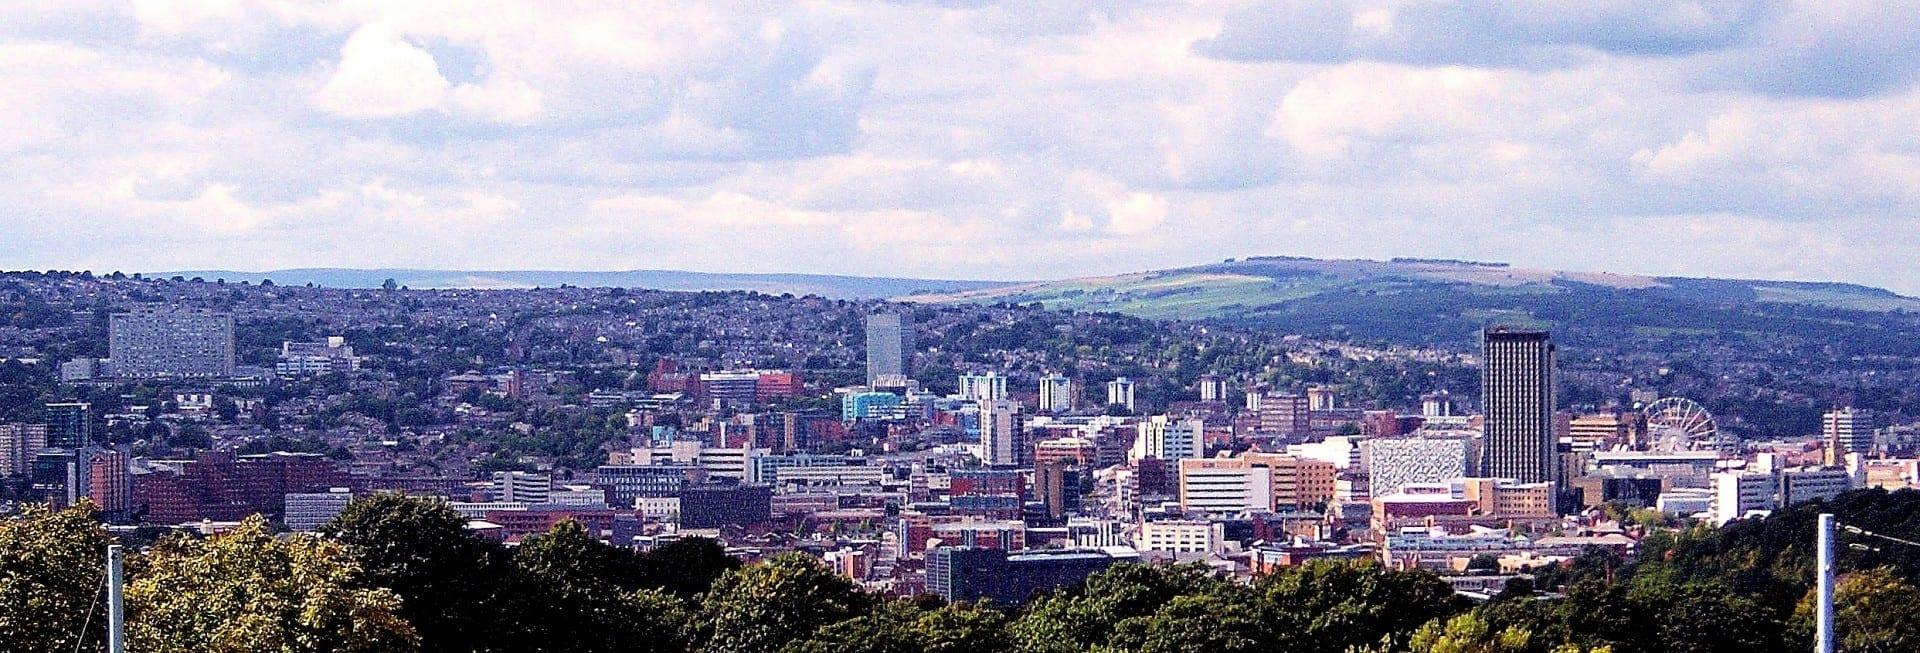 Vista del centro de la ciudad de Sheffield Sheffield Reino Unido